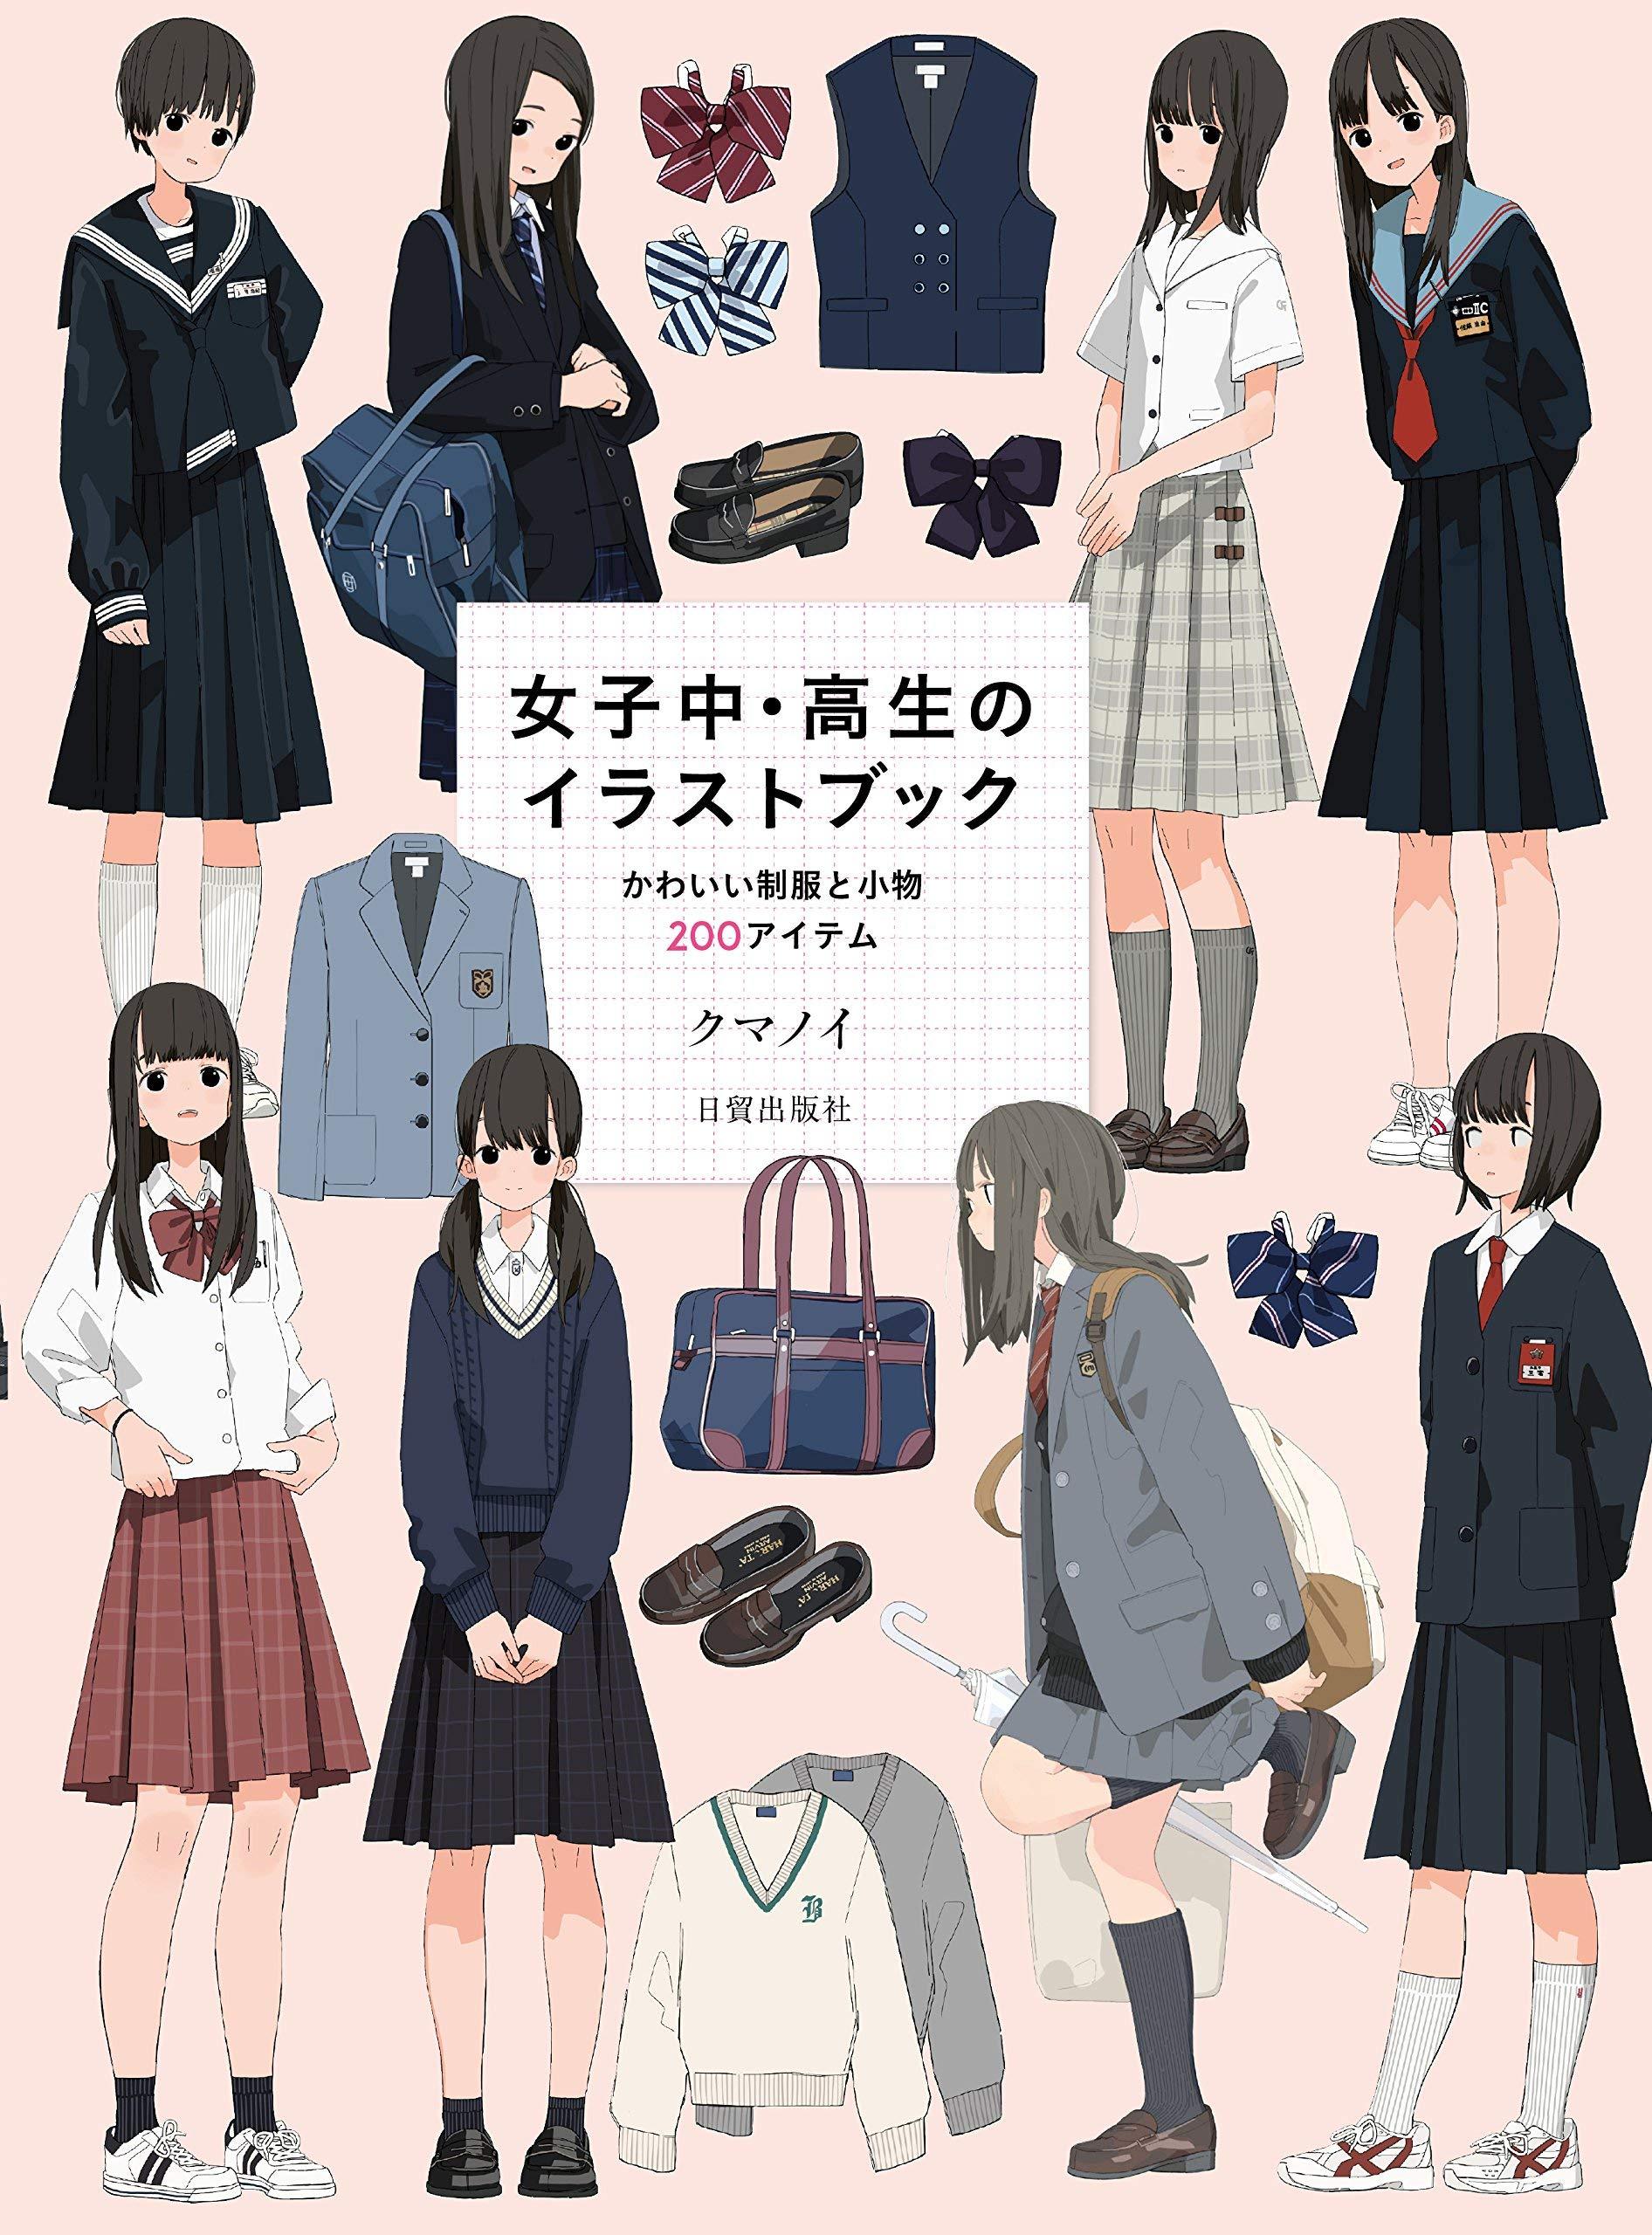 女子中 高生のイラストブック かわいい制服と小物0アイテム クマノイ クマノイ 本 通販 Amazon